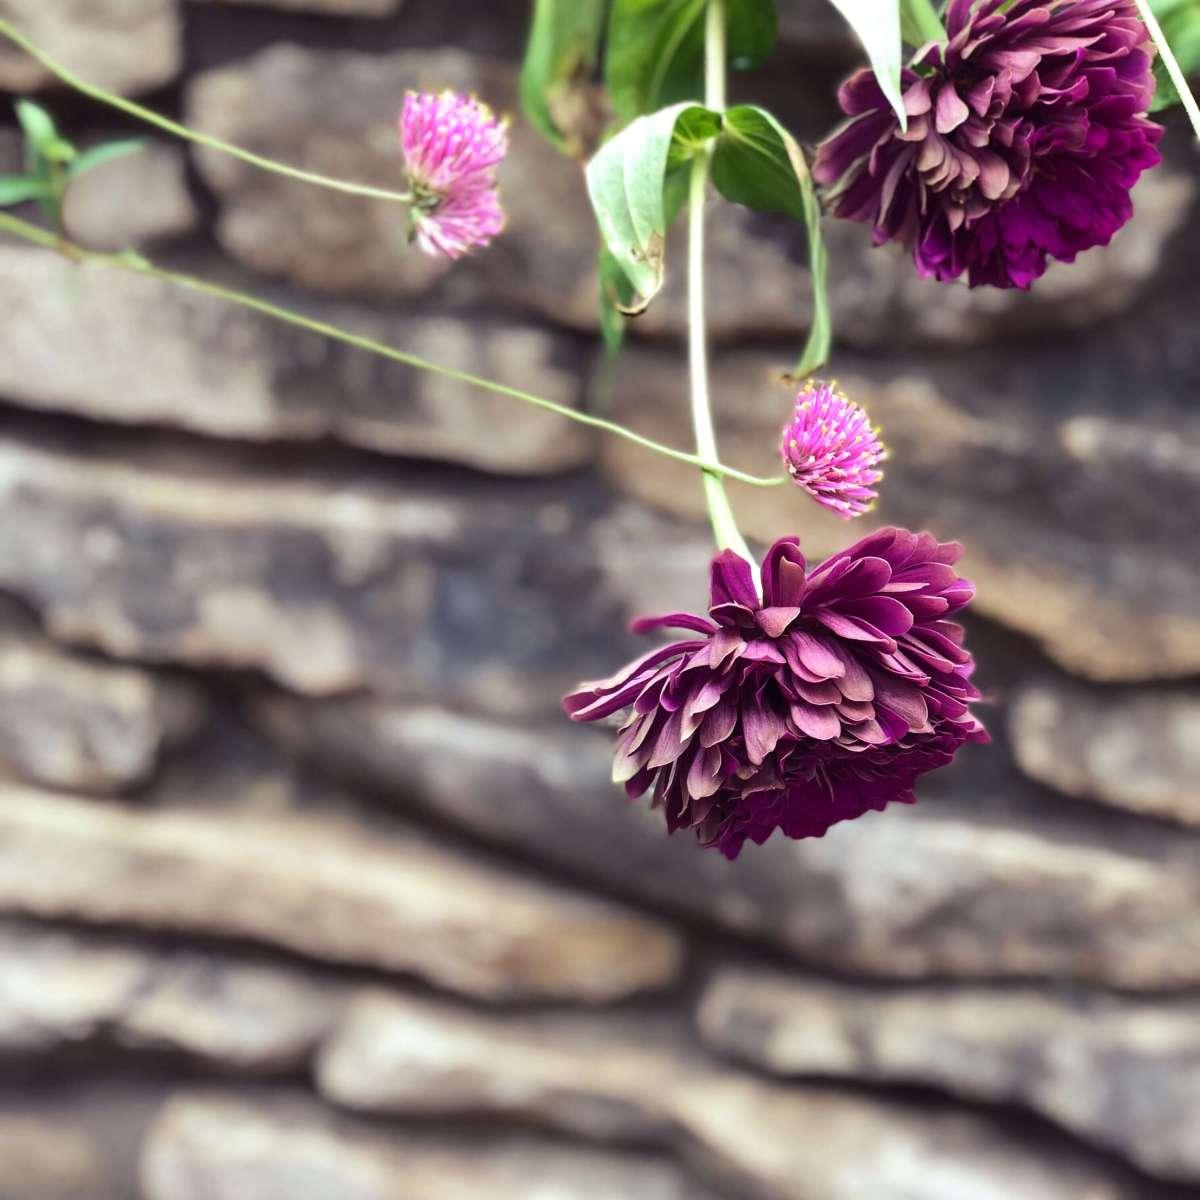 Flowers at Zilker Botanical garden, Austin, Texas